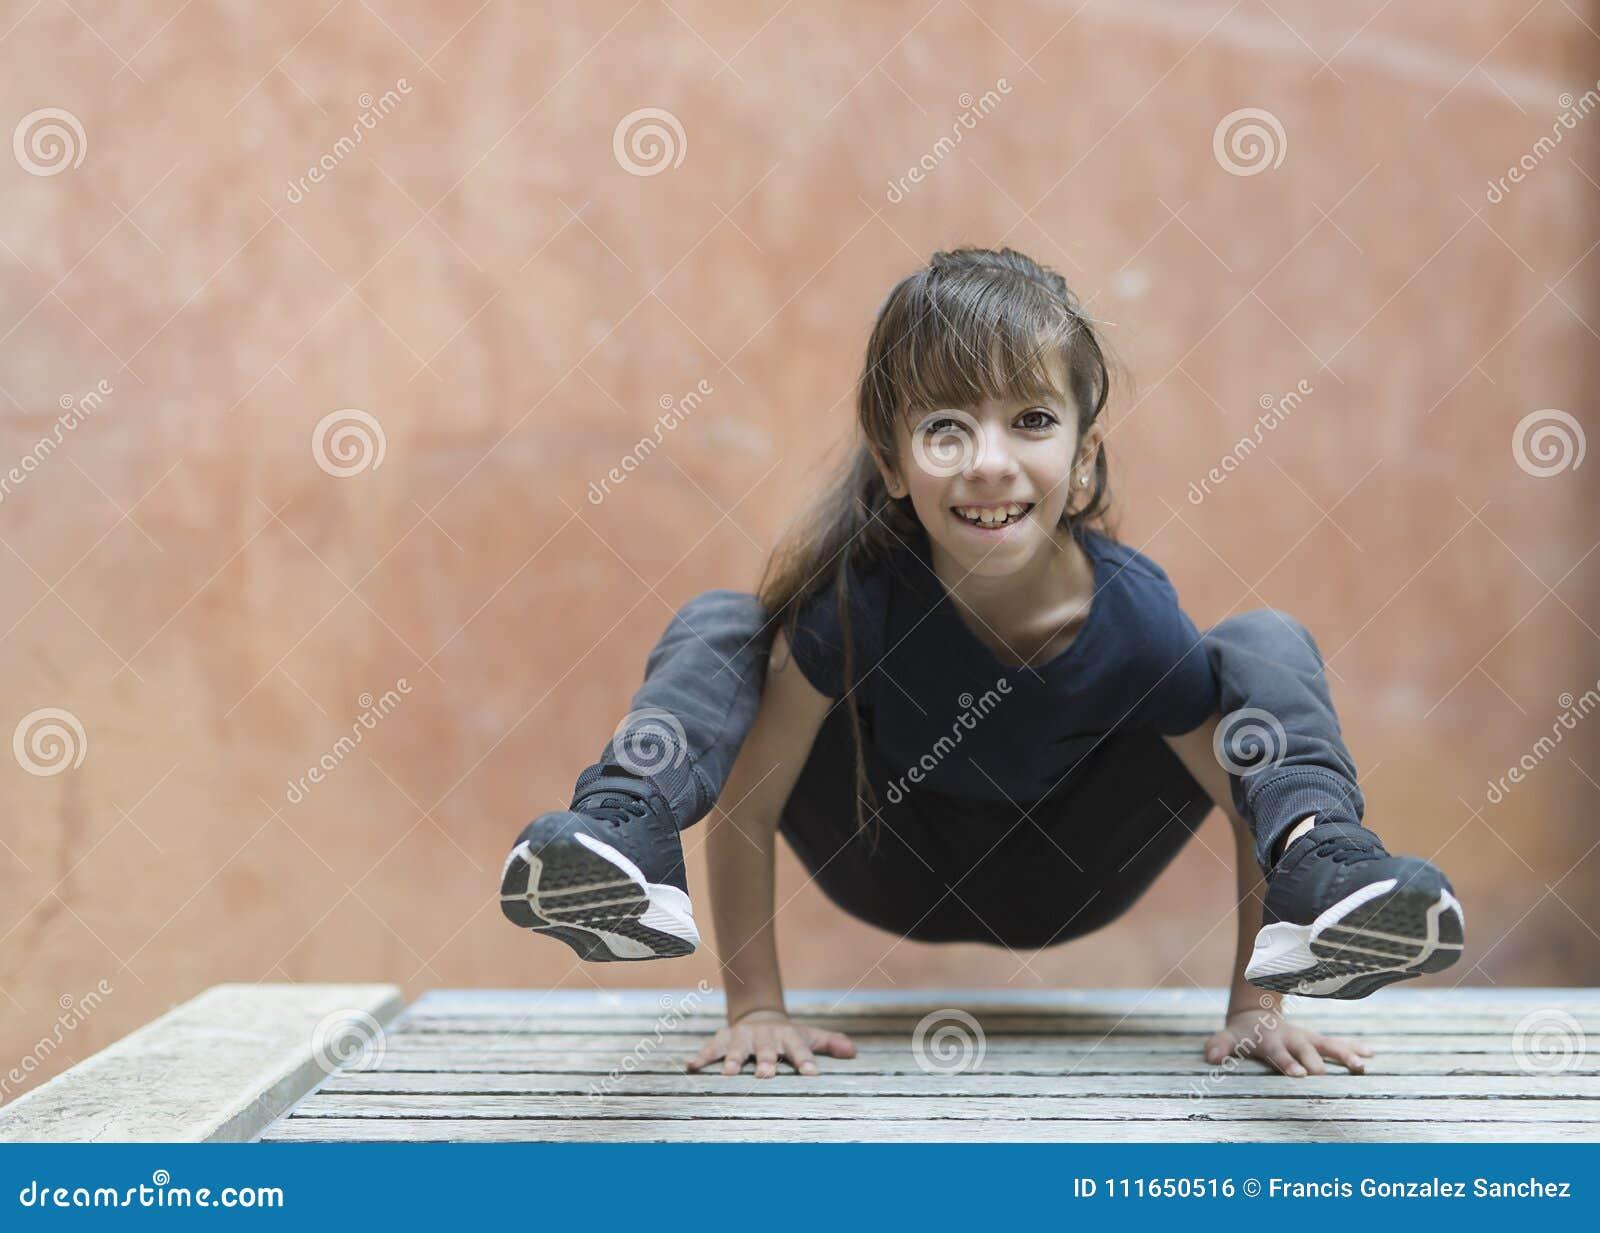 10 éénjarigenmeisje die een yogahouding doen